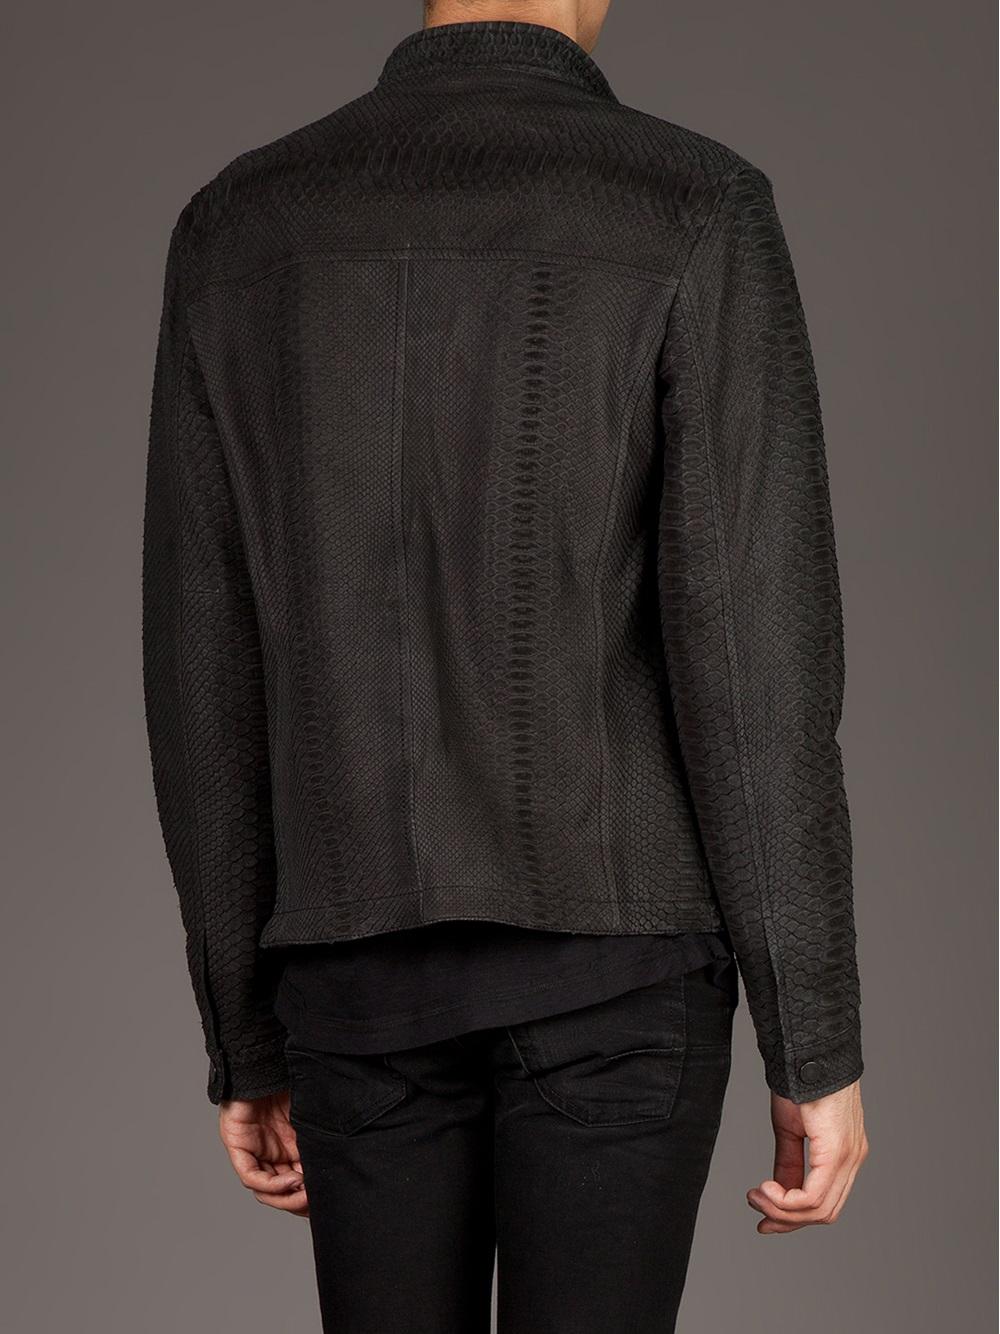 drome python skin jacket in black for men lyst